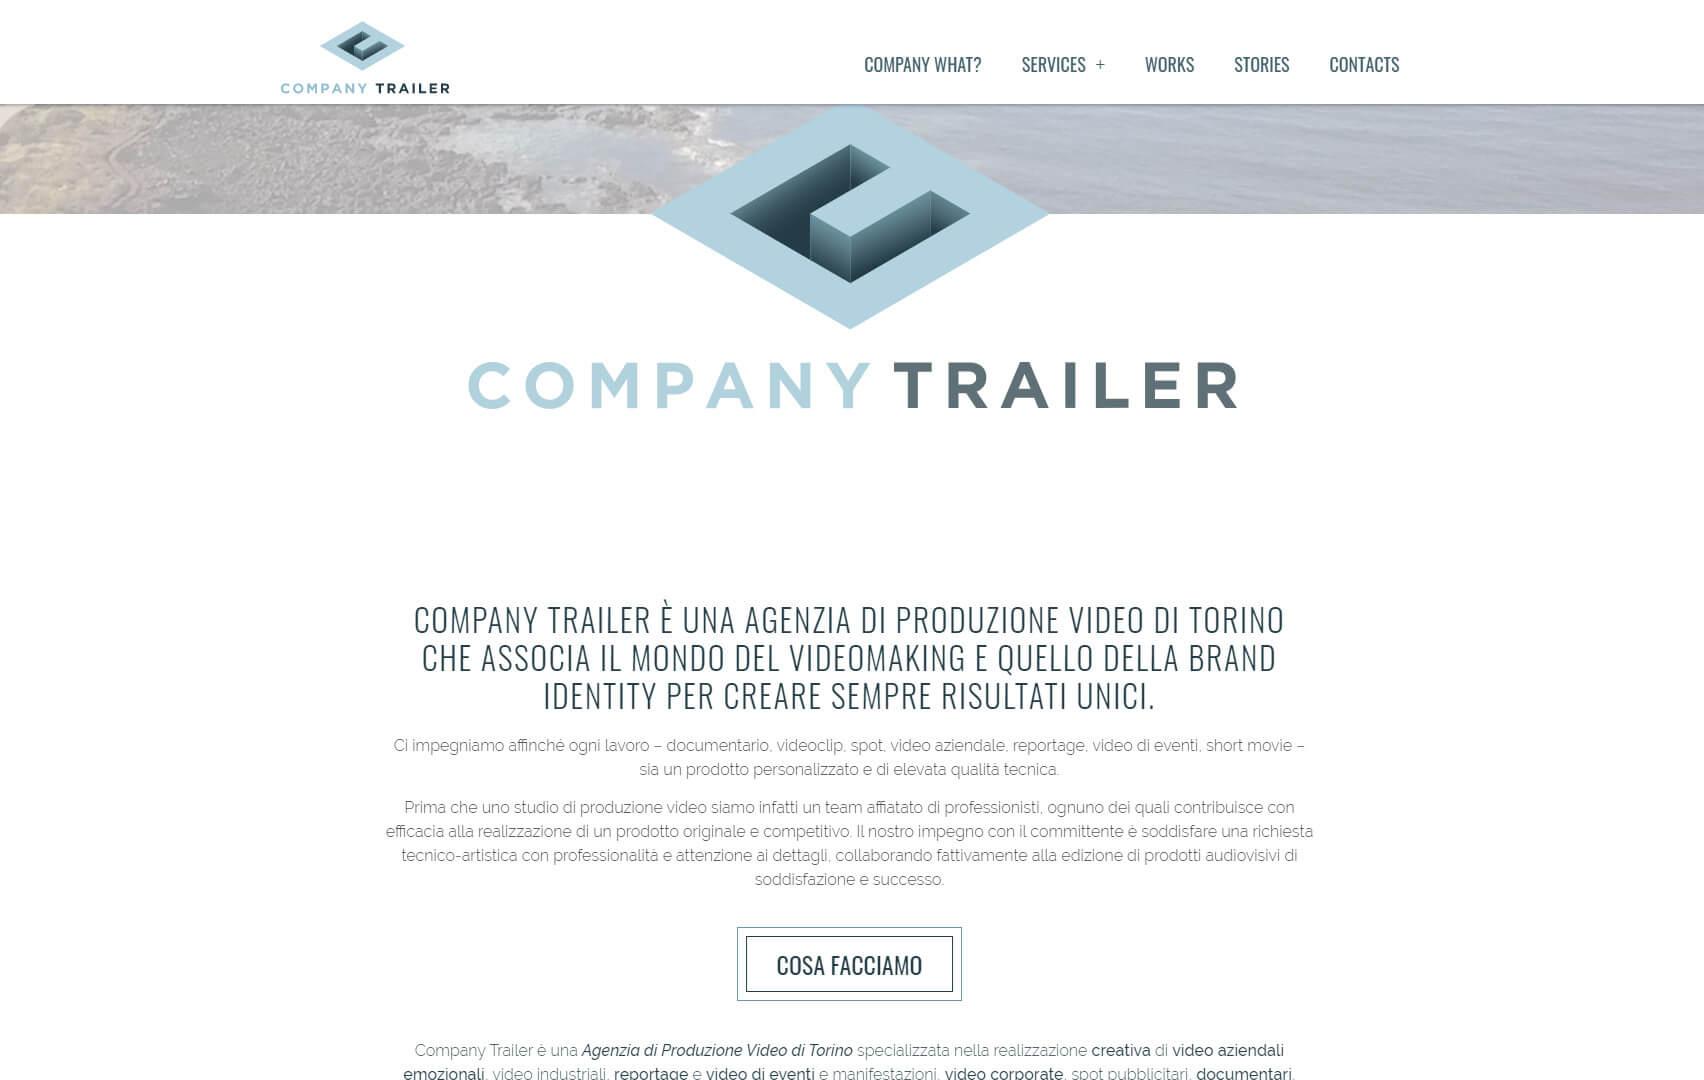 companytrailer